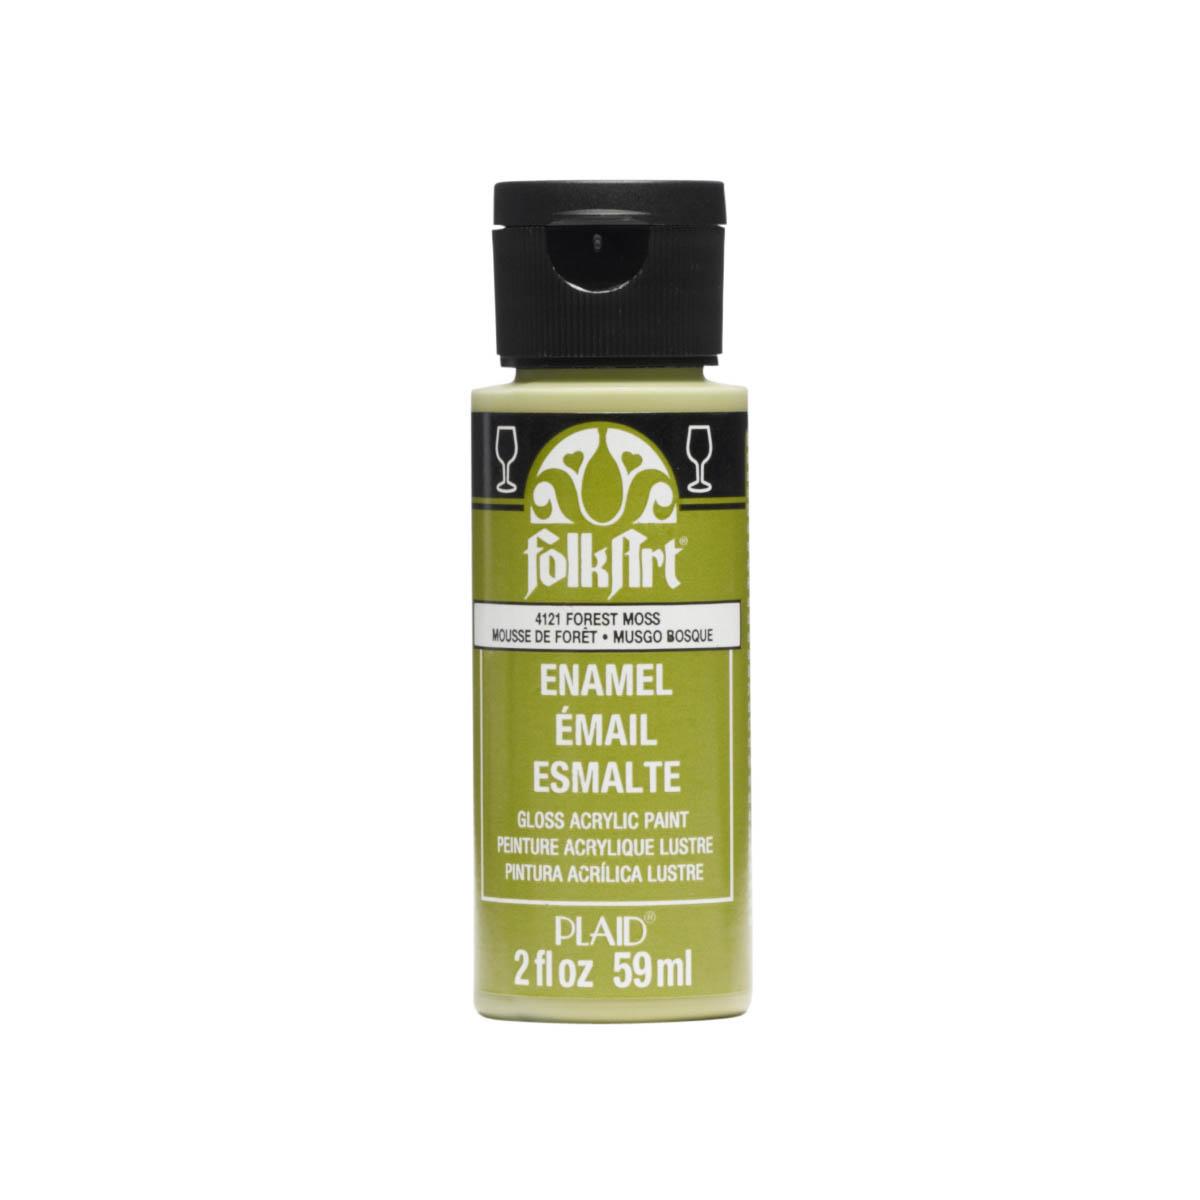 FolkArt ® Enamels™ - Forest Moss, 2 oz. - 4121